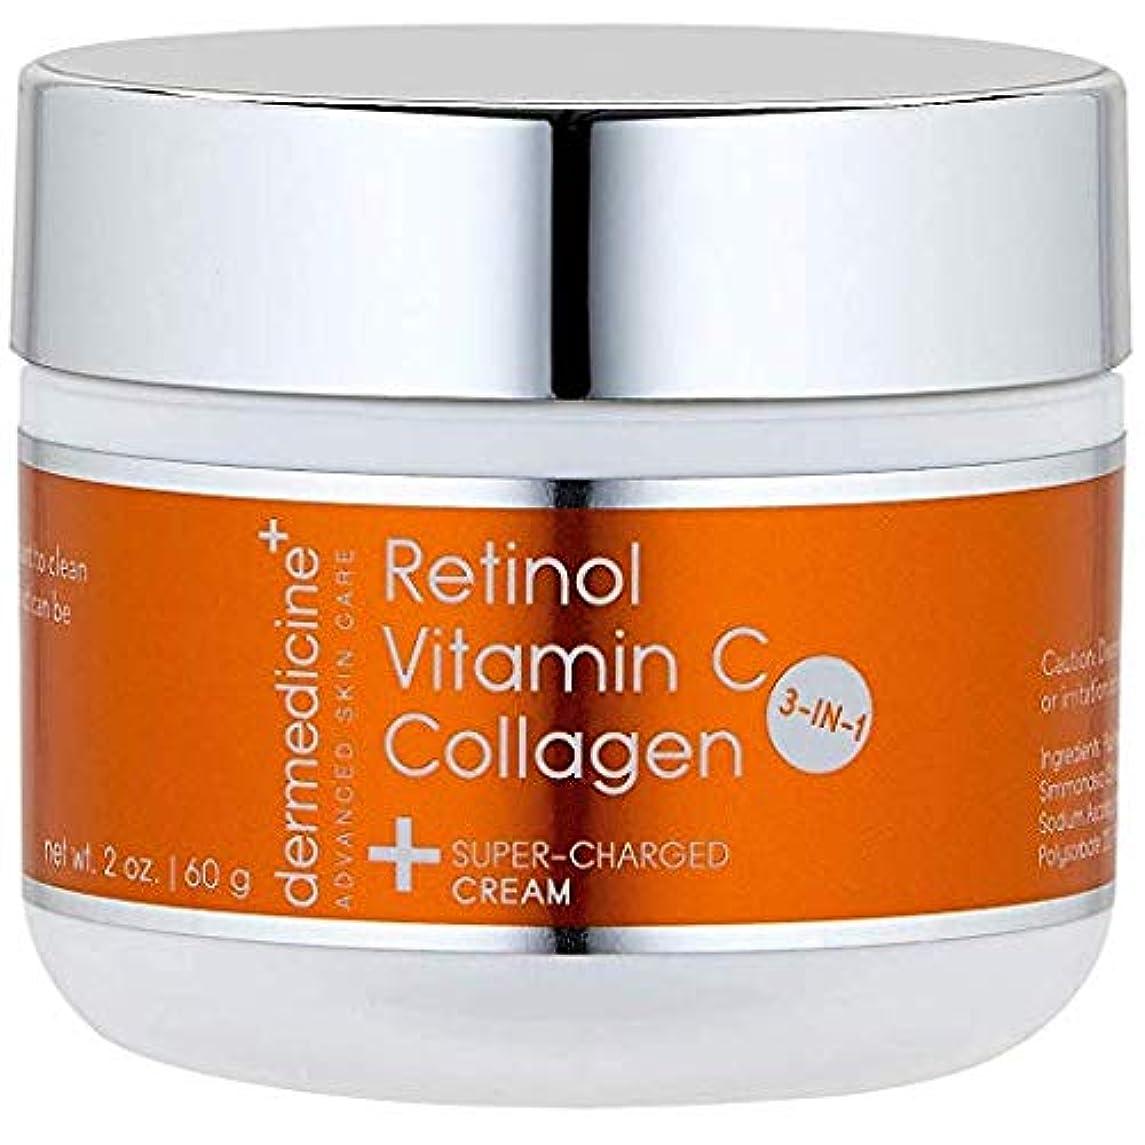 涙評価難しいプレミアム エイジングケアクリーム【3IN1】 コラーゲン+レチノール+ビタミンC配合 60g シミ&シワ対策、若々しい弾力のある肌へ